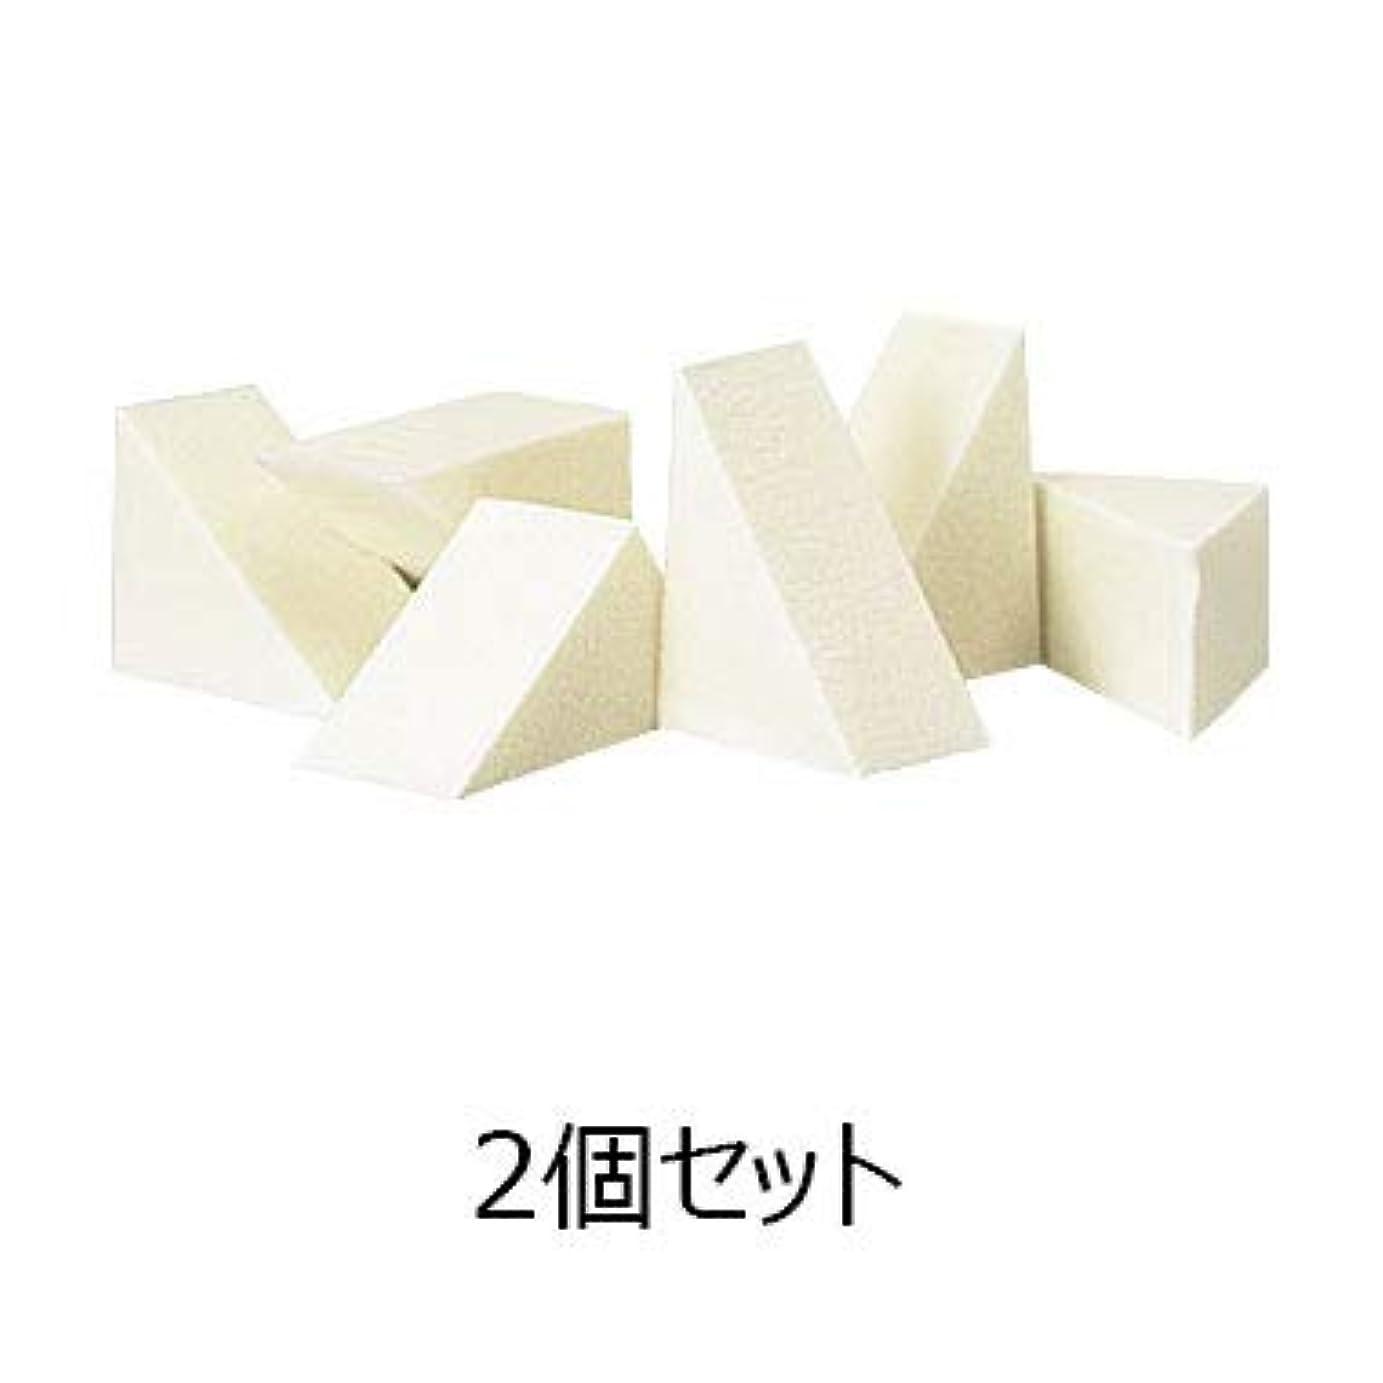 歩く木製滅多カバーマーク ナチュラル スポンジ<エクストラフォーミュラ専用> (6個入り) 2個セット